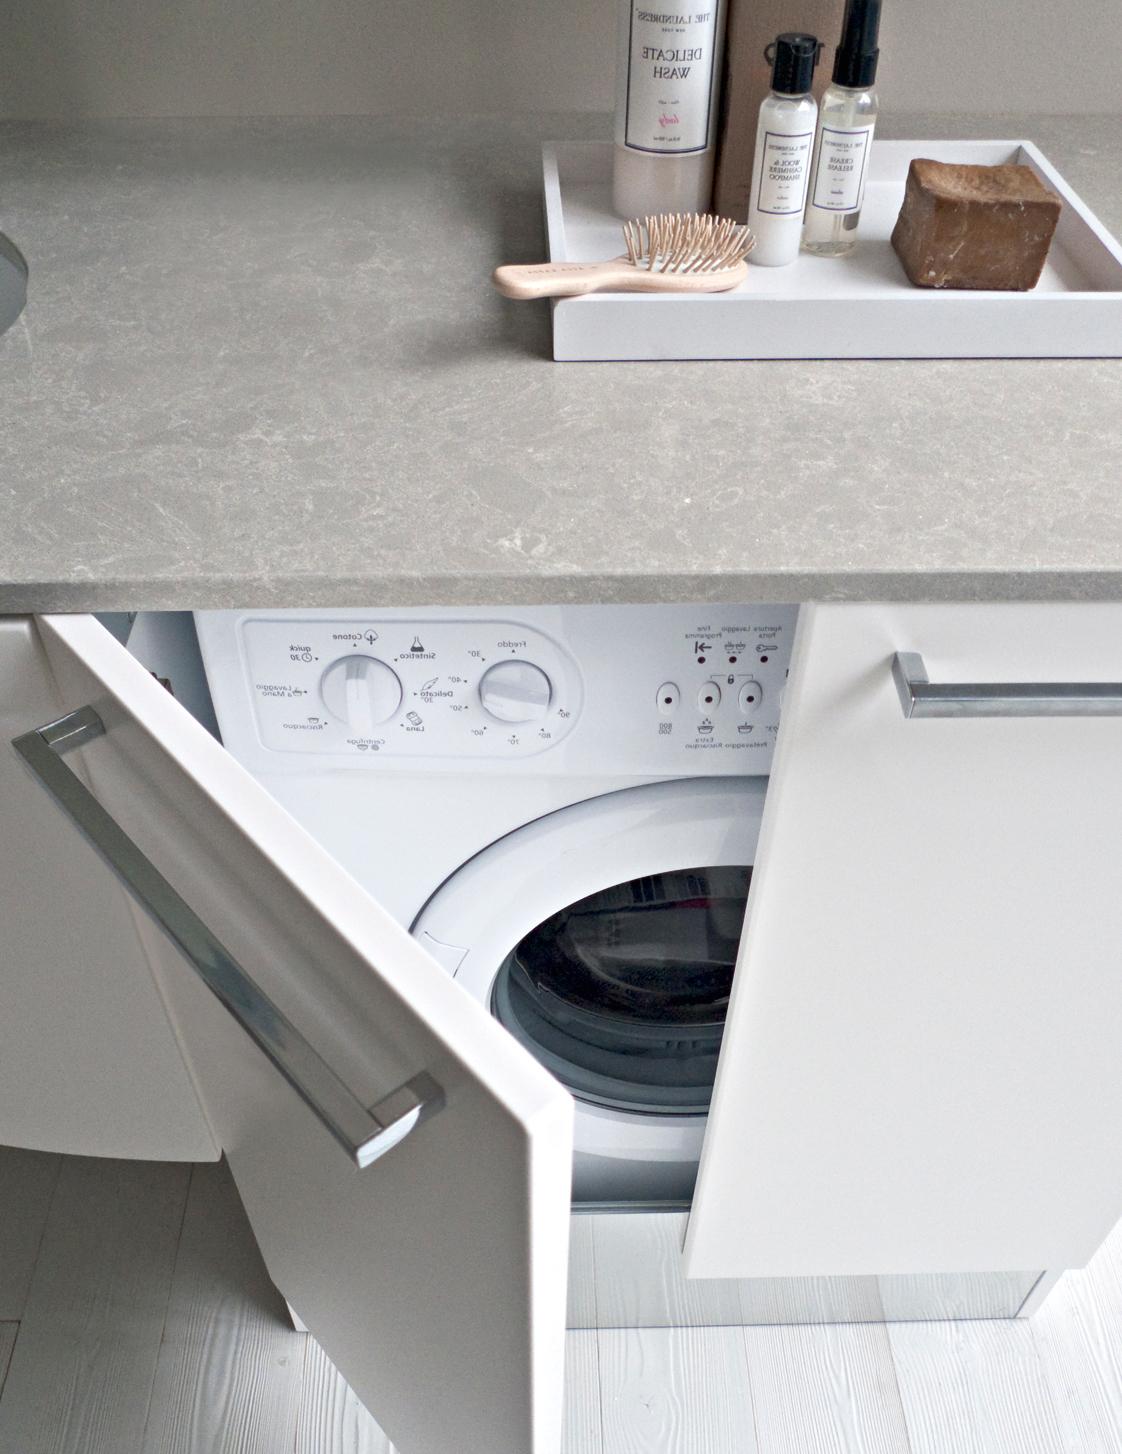 Bagno Piccolo Con Lavatrice.Come Inserire Lavatrice In Un Bagno Piccolo Ideagroup Blog